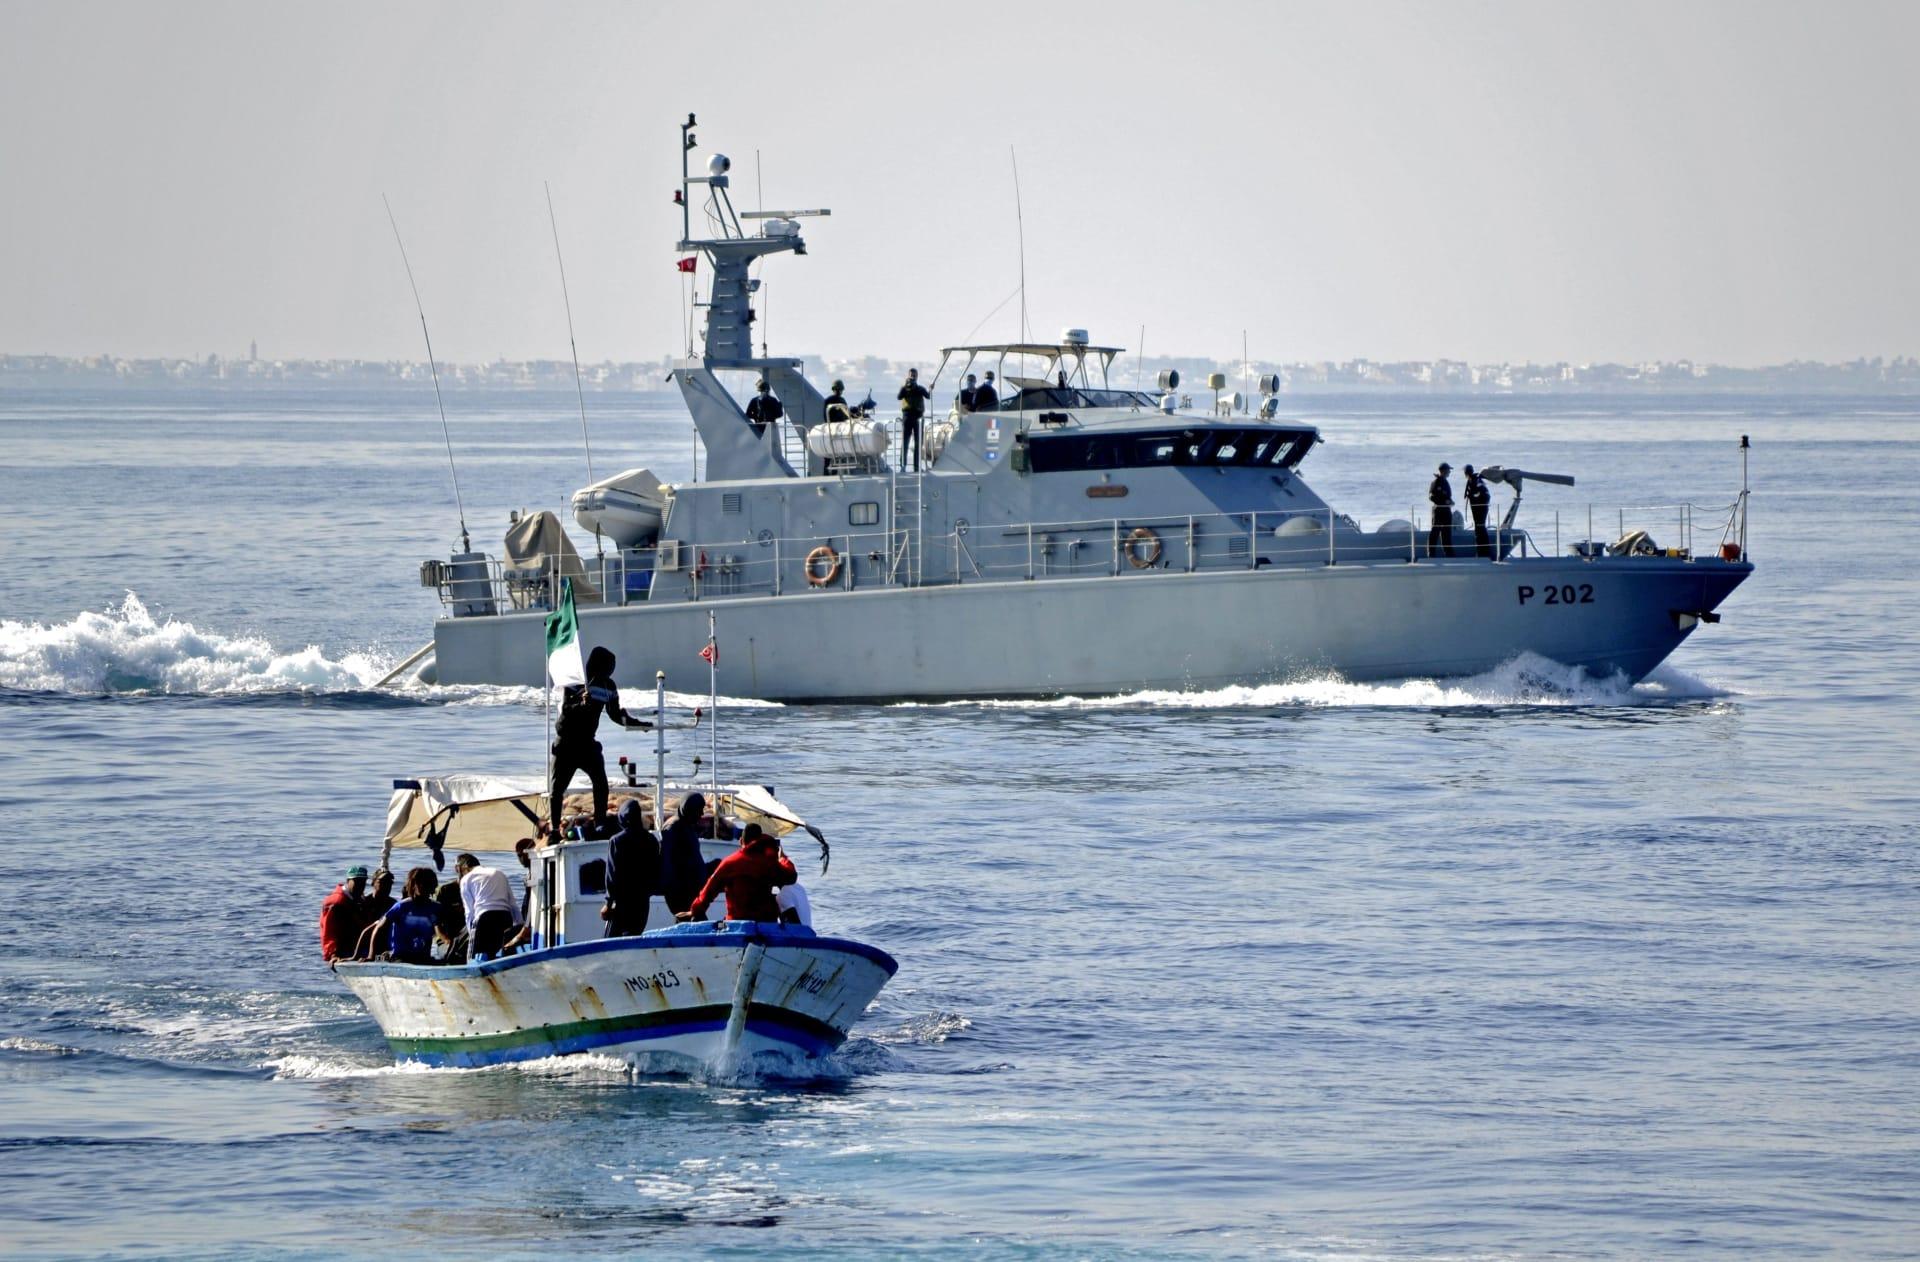 انتشال 41 جثة مهاجرة بعد انقلاب قارب قبالة سواحل تونس - صورة أرشيفية